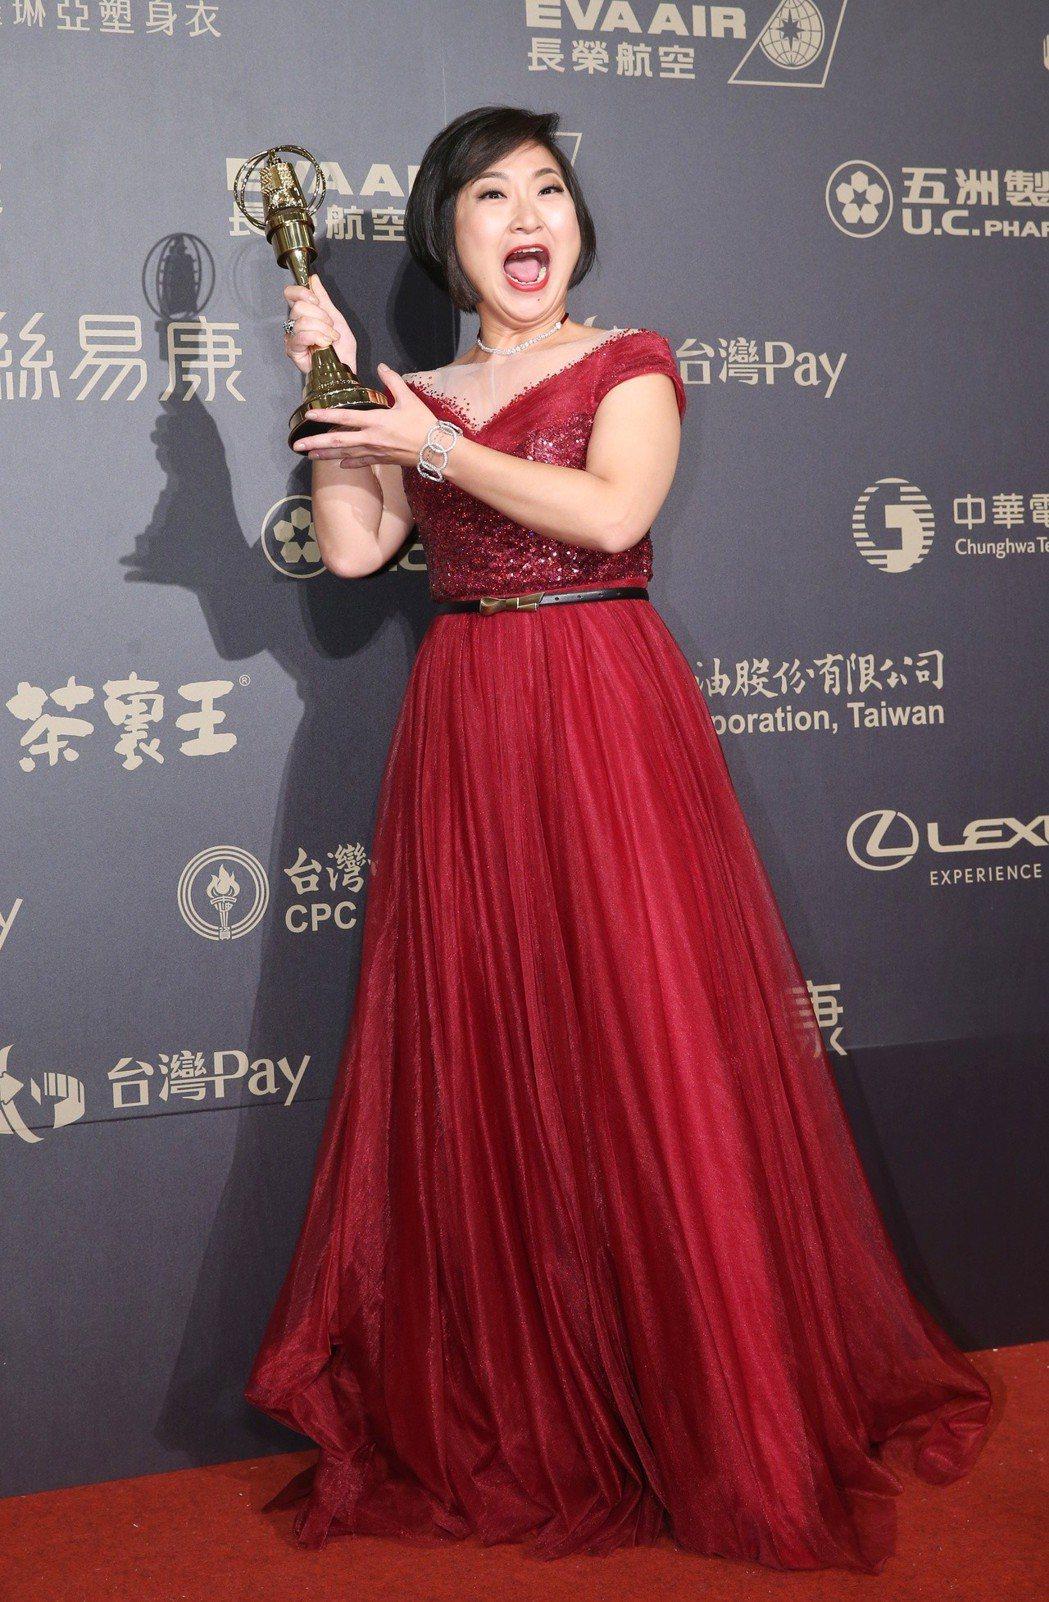 廖怡裬獲迷你劇集(電視電影)女配角獎。記者鄭清元/攝影